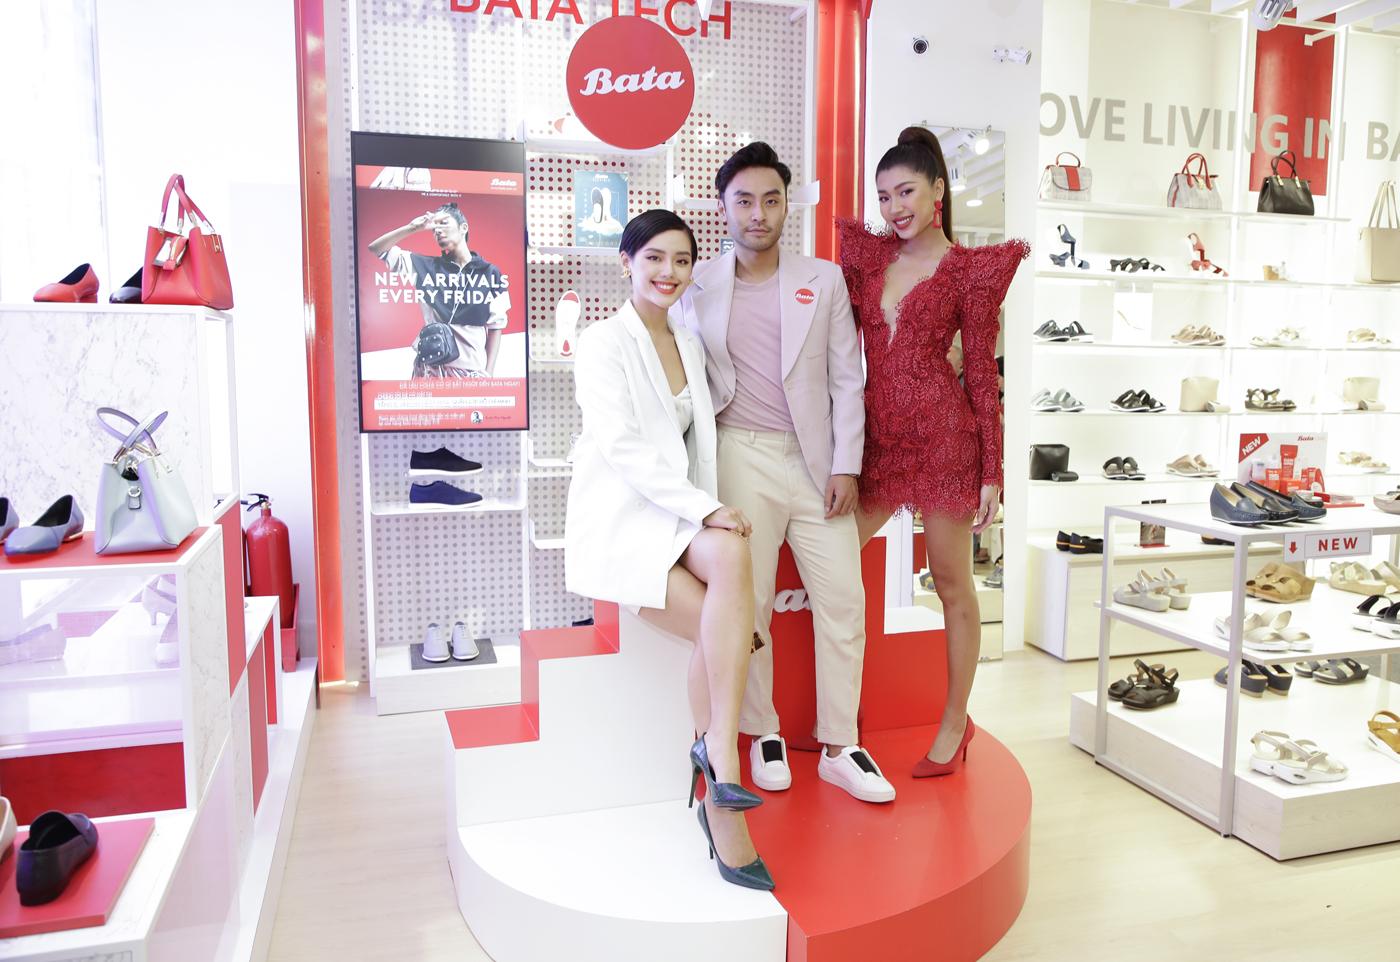 bata vietnam khai trương cửa hàng mới concept red